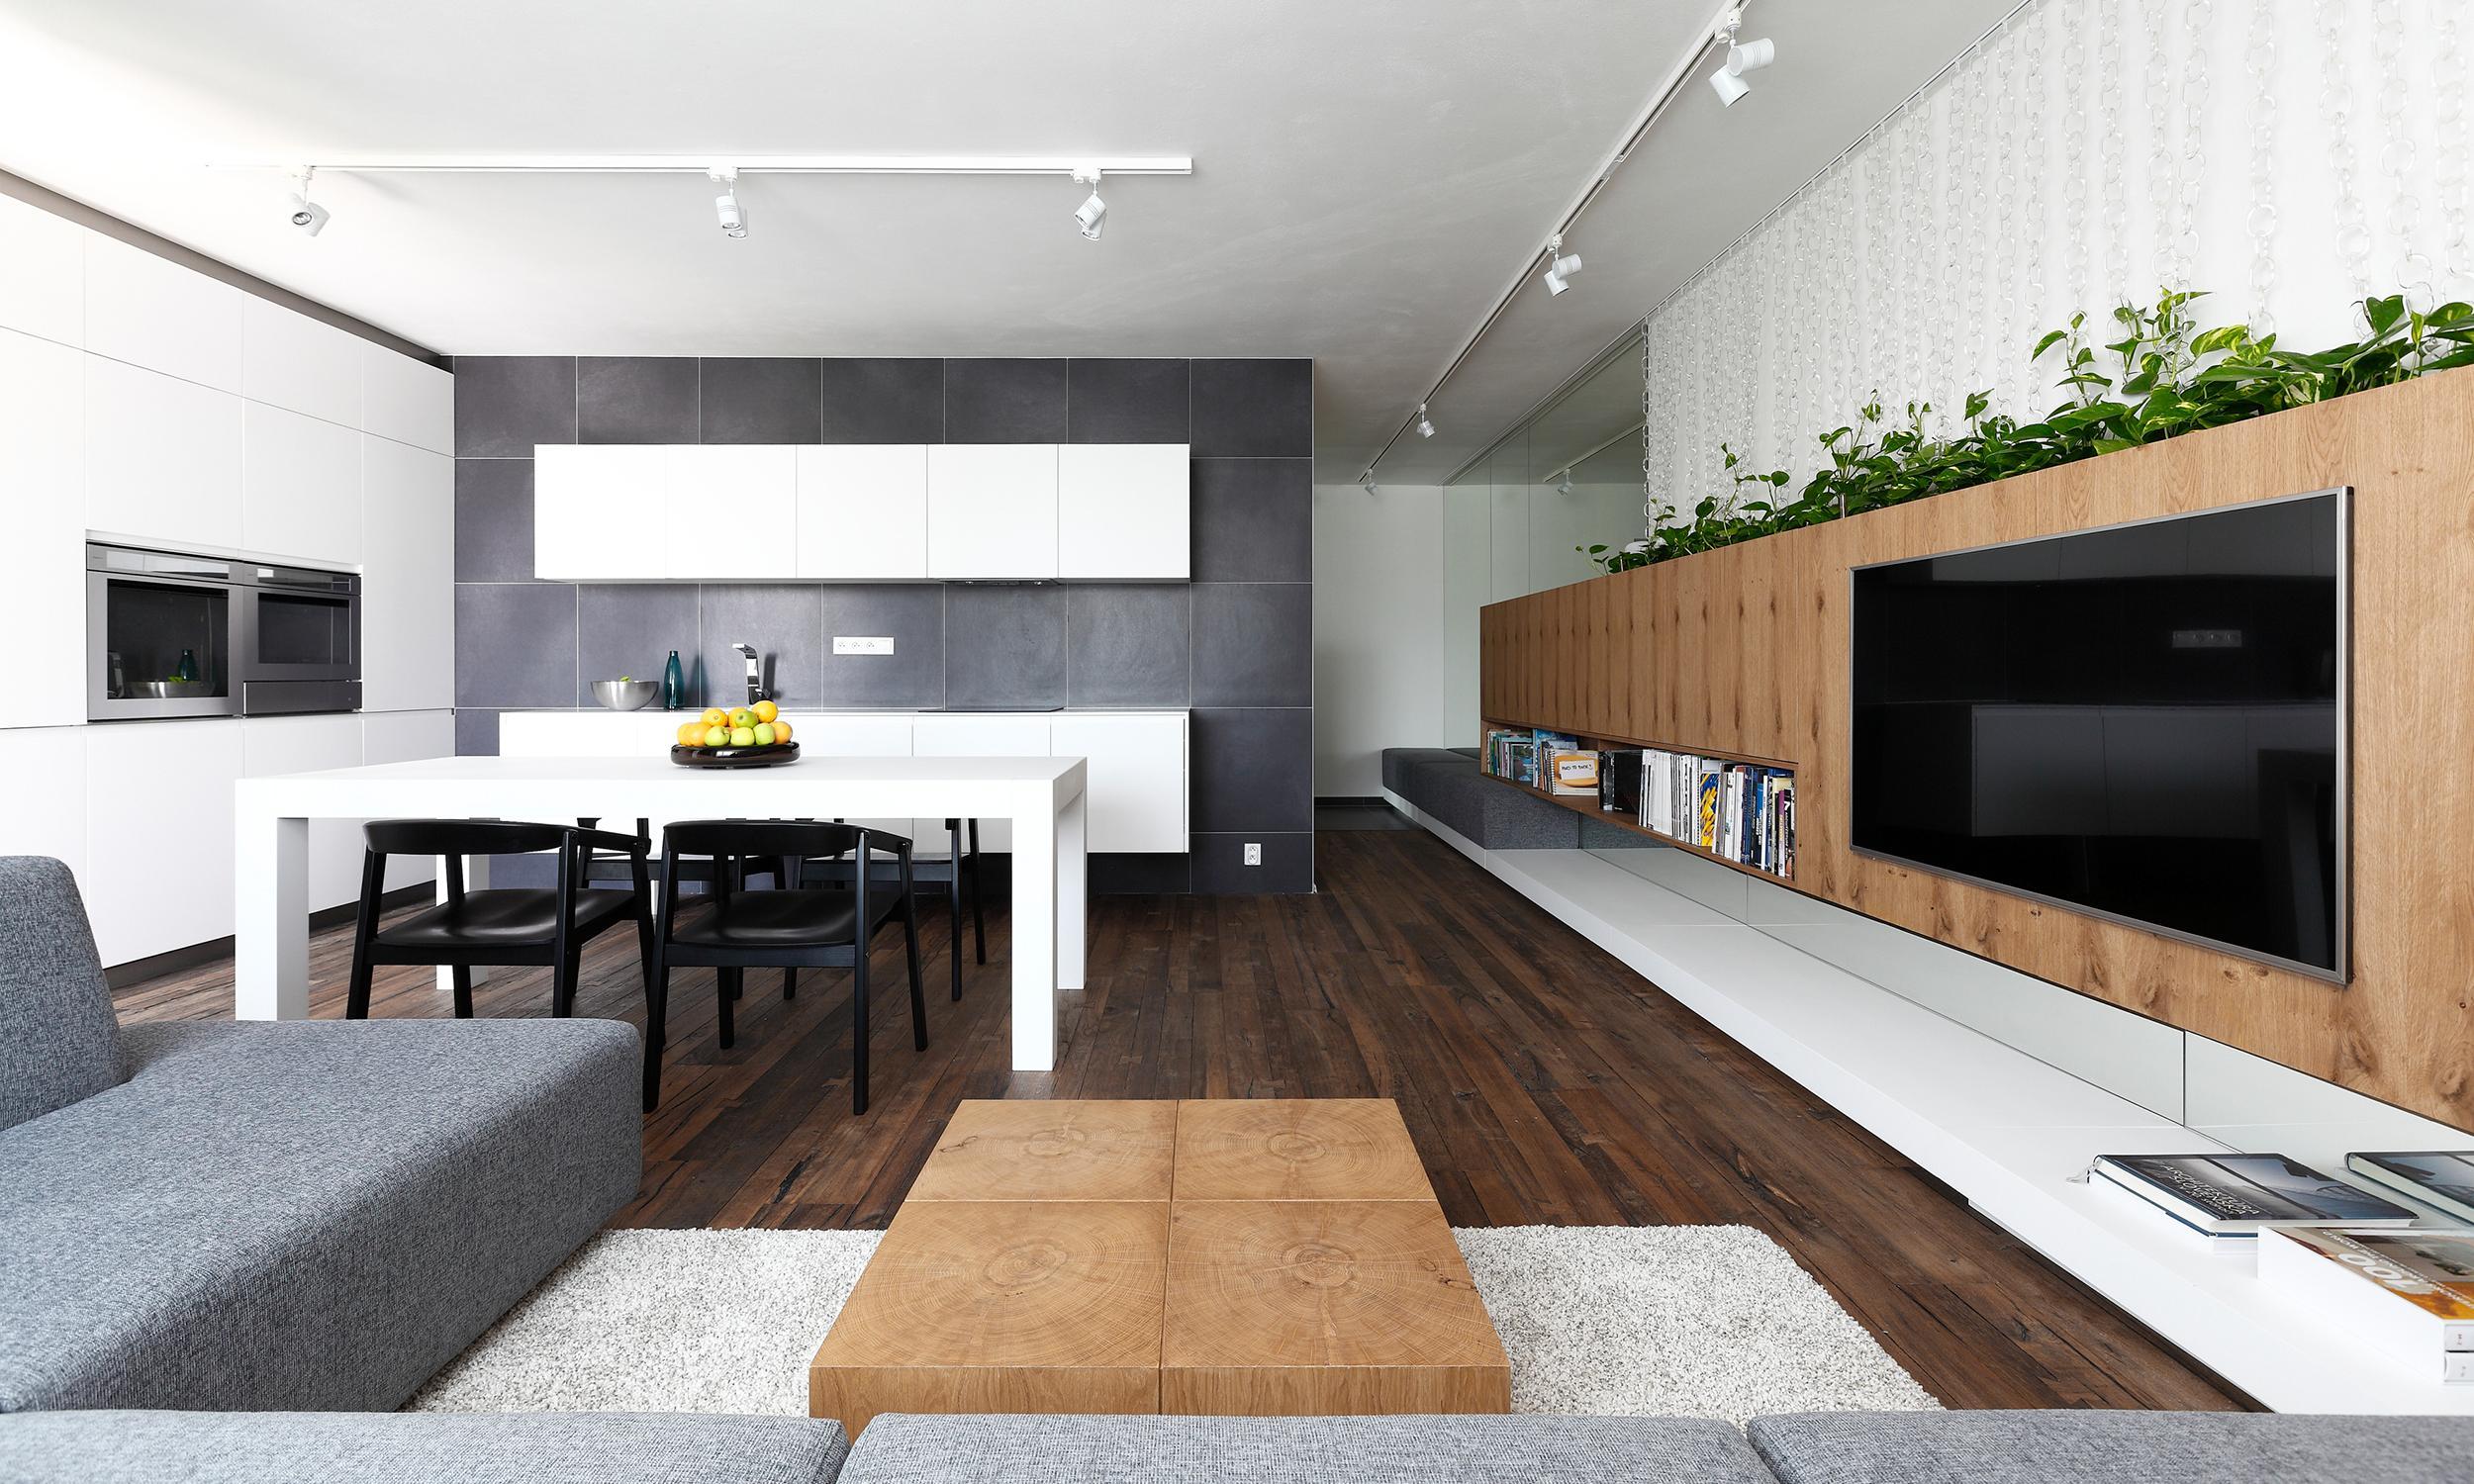 Welches Arbeitsbrett in die Küche? | RULES Architekten